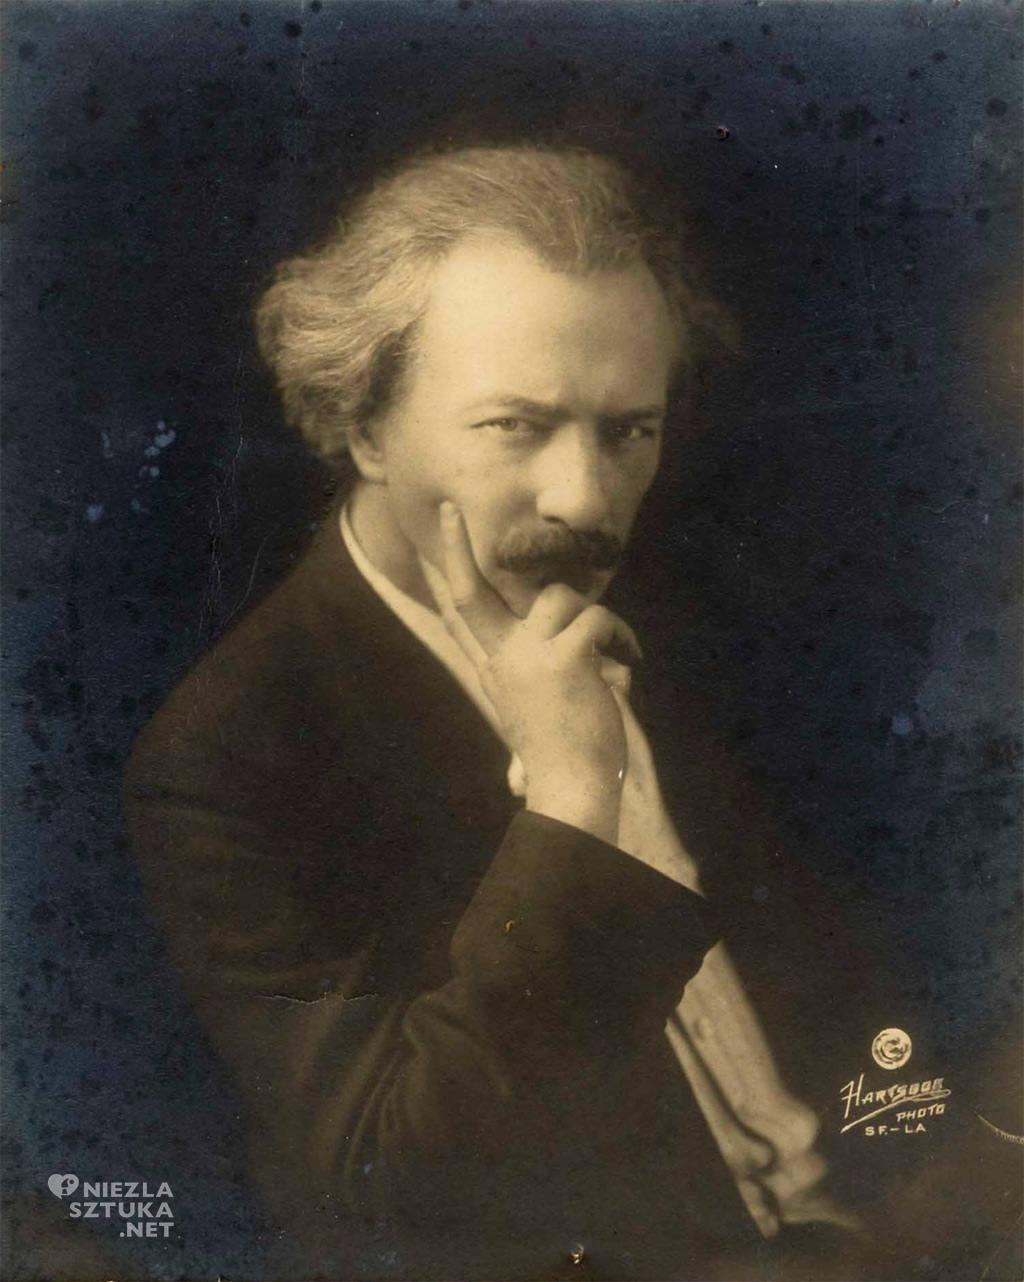 Ignacy Paderewski, portret, Niezła sztuka